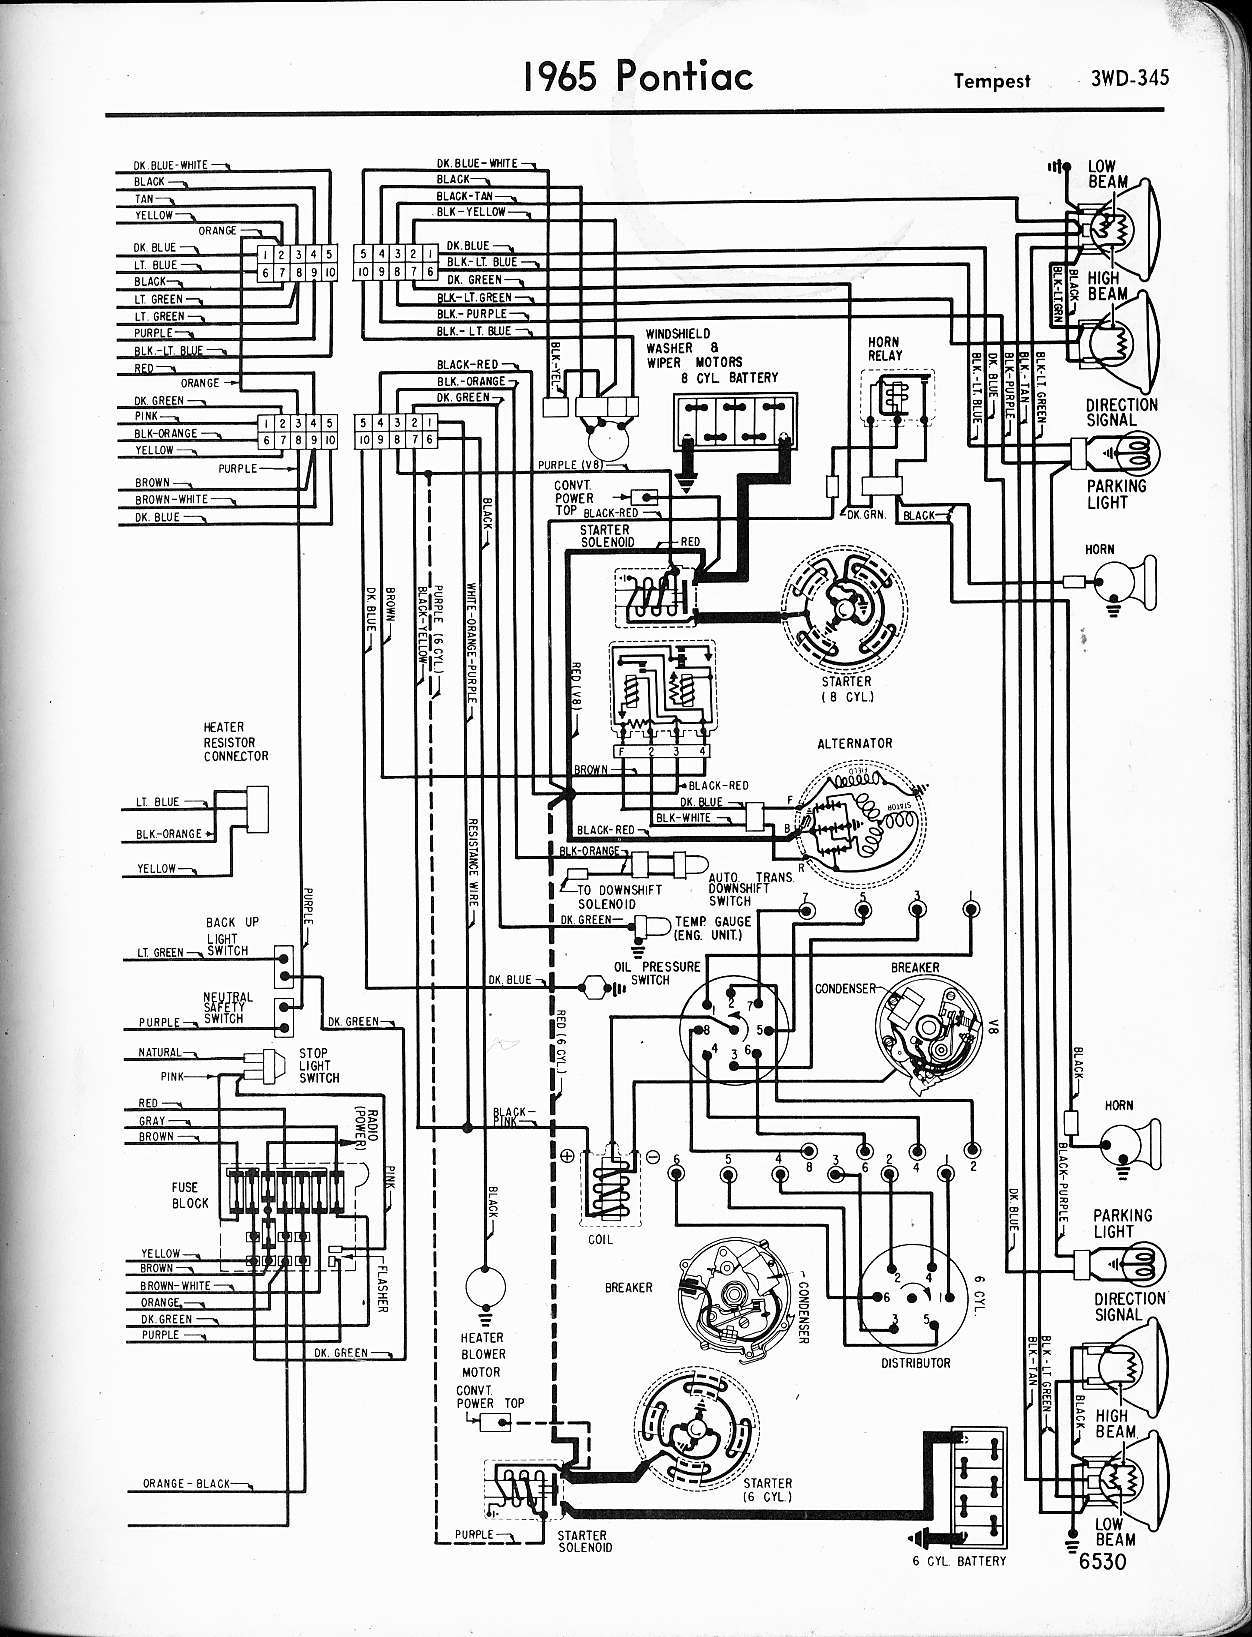 DIAGRAM] 66 Gto Wiring Schematic - Ski Doo Rev Wiring Diagram List  harbor.mon1erinstrument.frmon1erinstrument.fr